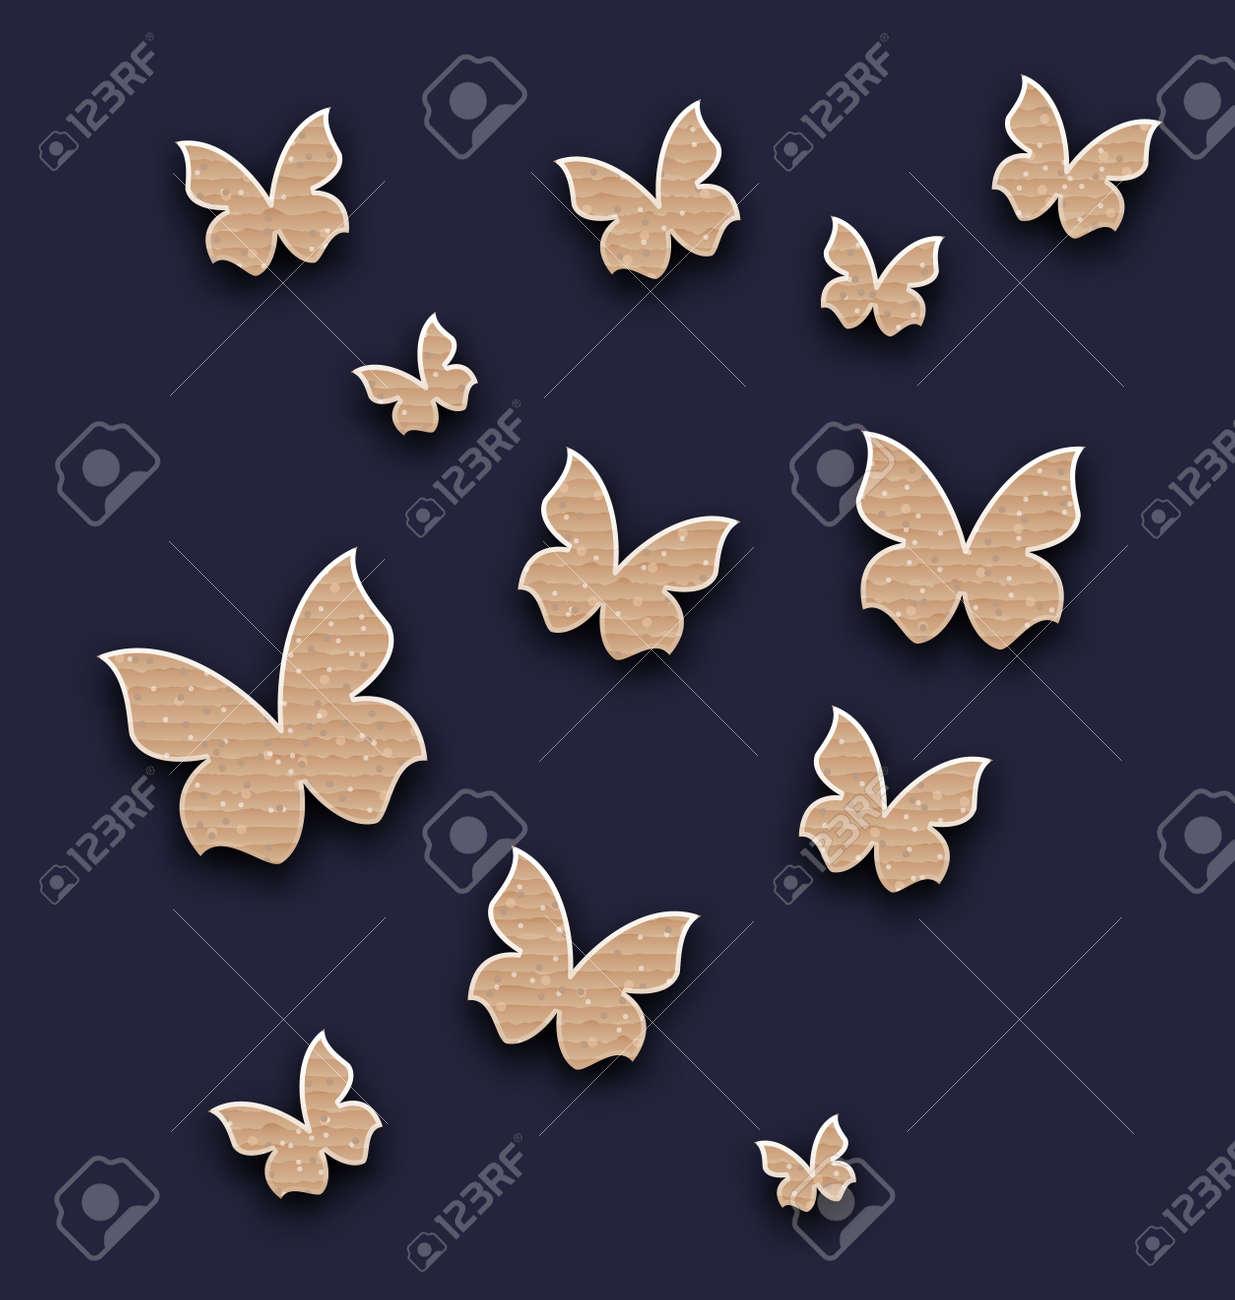 Papel Pintado Ilustración Con Mariposas Hechas En Cartón De Papel ...